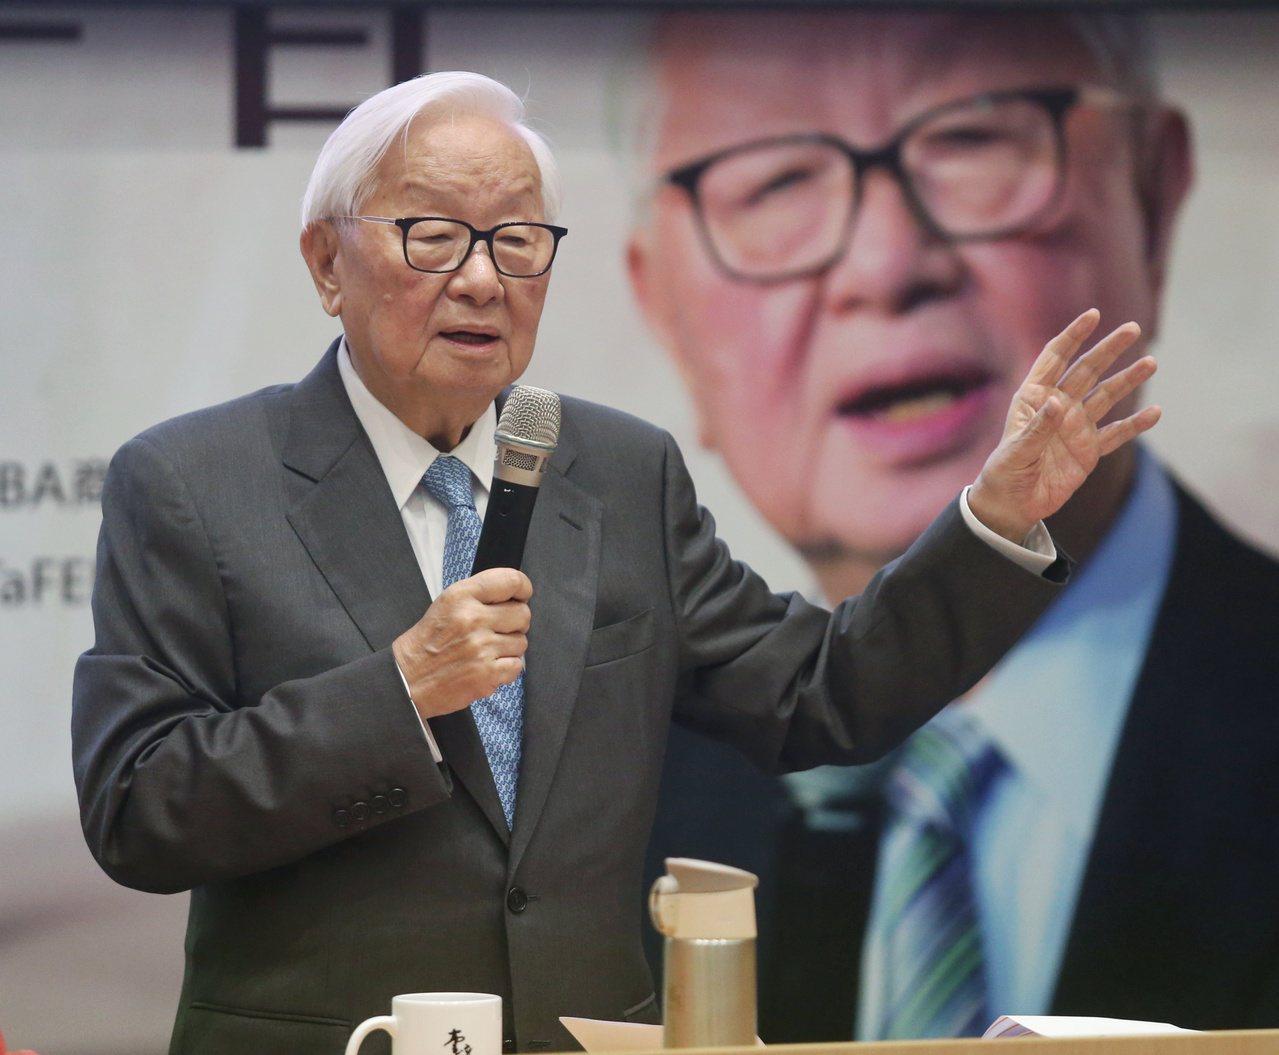 台積電創辦人張忠謀昨天到台大以「我的經營學習」為題發表演講。記者鄭清元/攝影